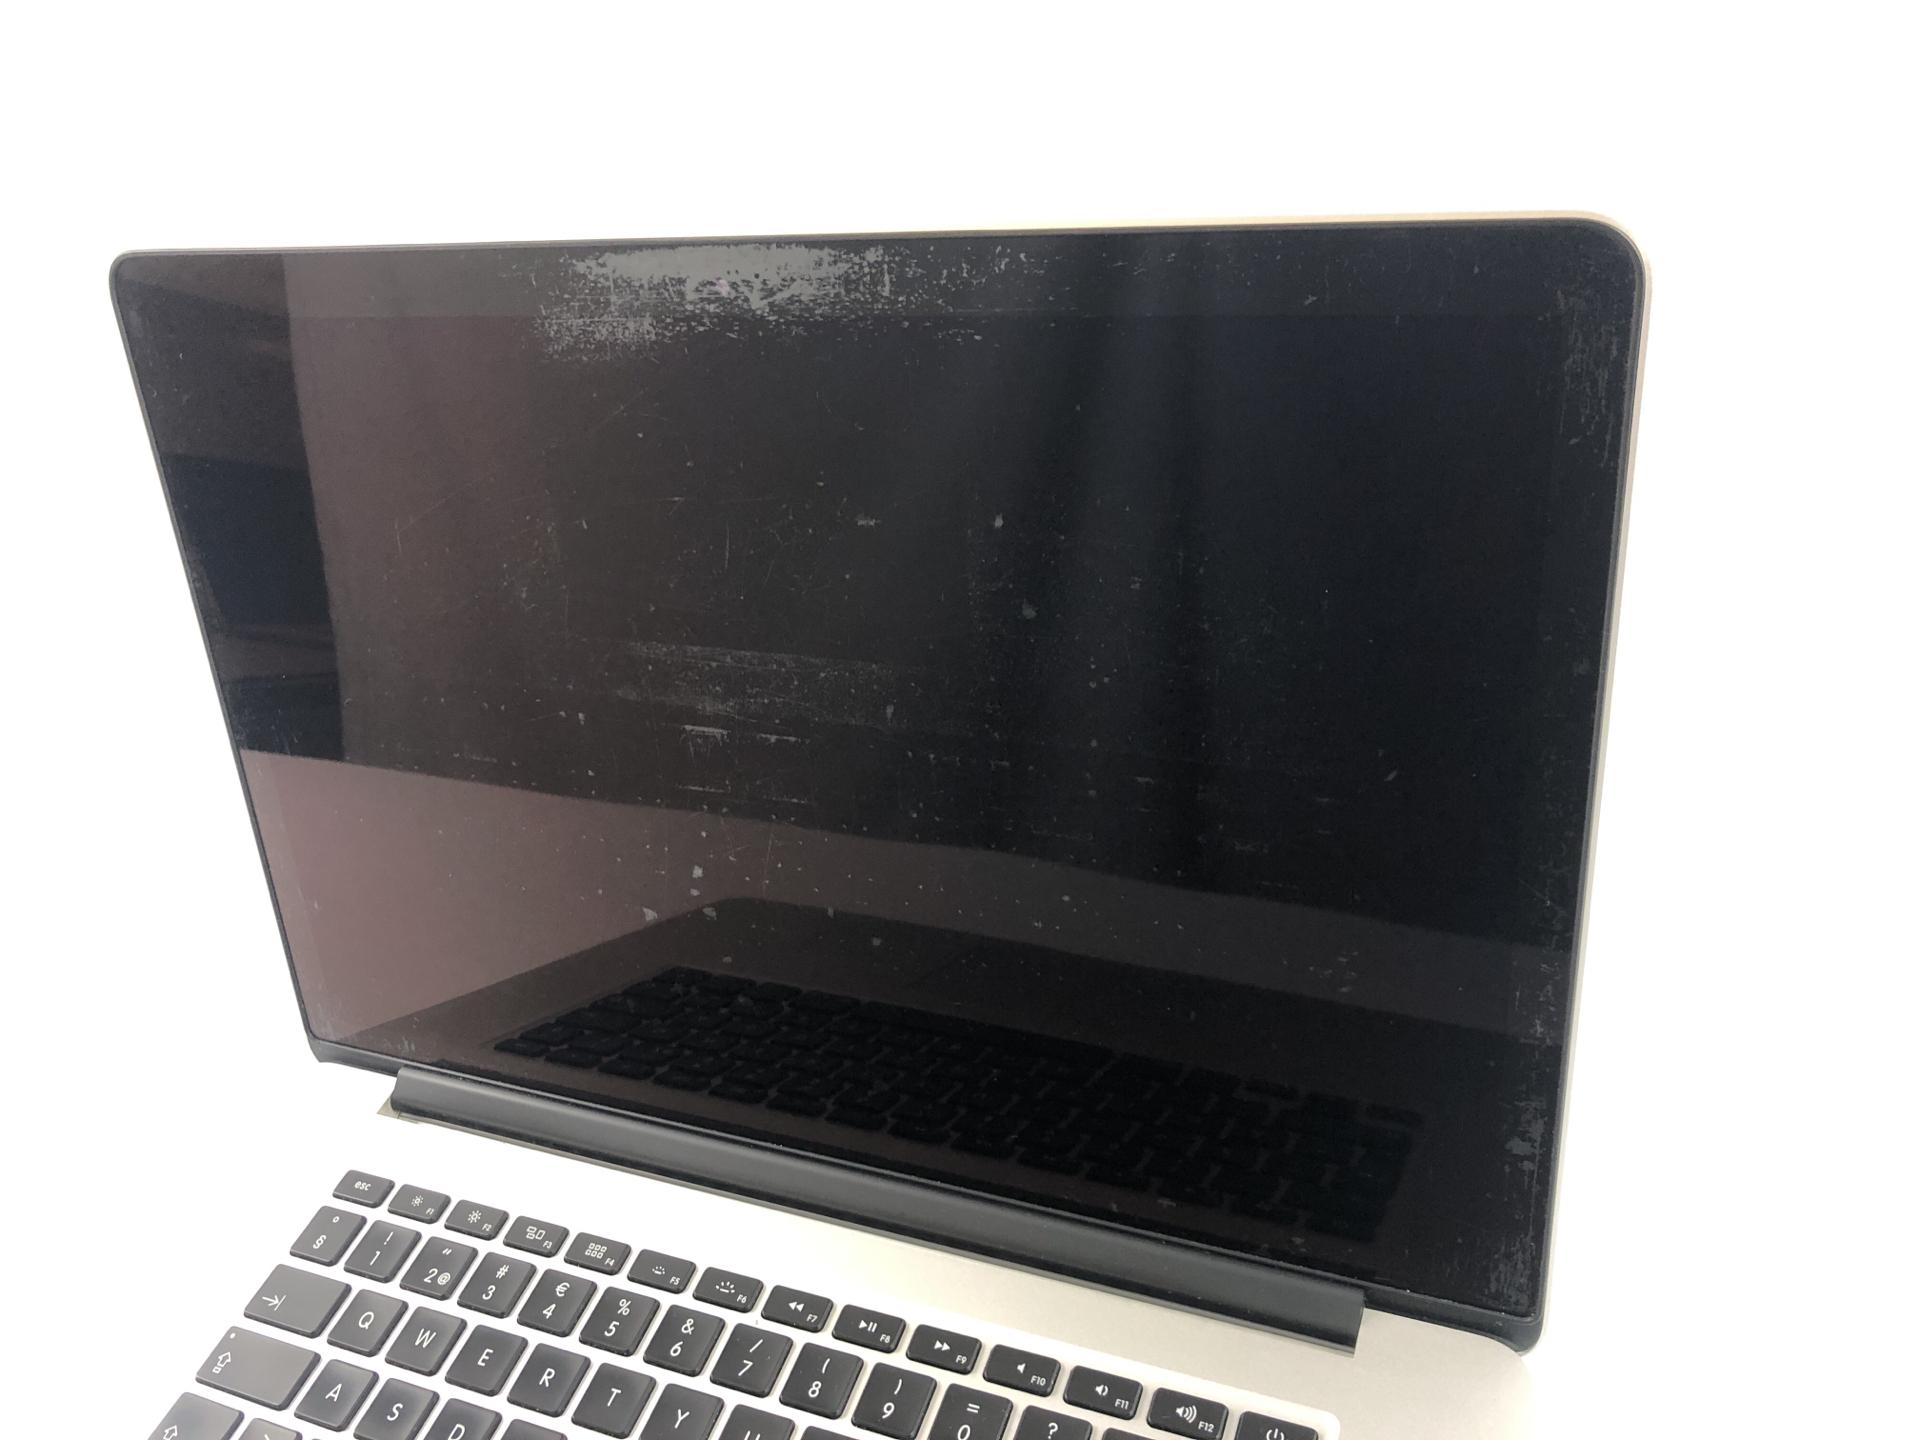 """MacBook Pro Retina 15"""" Mid 2014 (Intel Quad-Core i7 2.8 GHz 16 GB RAM 512 GB SSD), Intel Quad-Core i7 2.8 GHz, 16 GB RAM, 512 GB SSD, Kuva 3"""